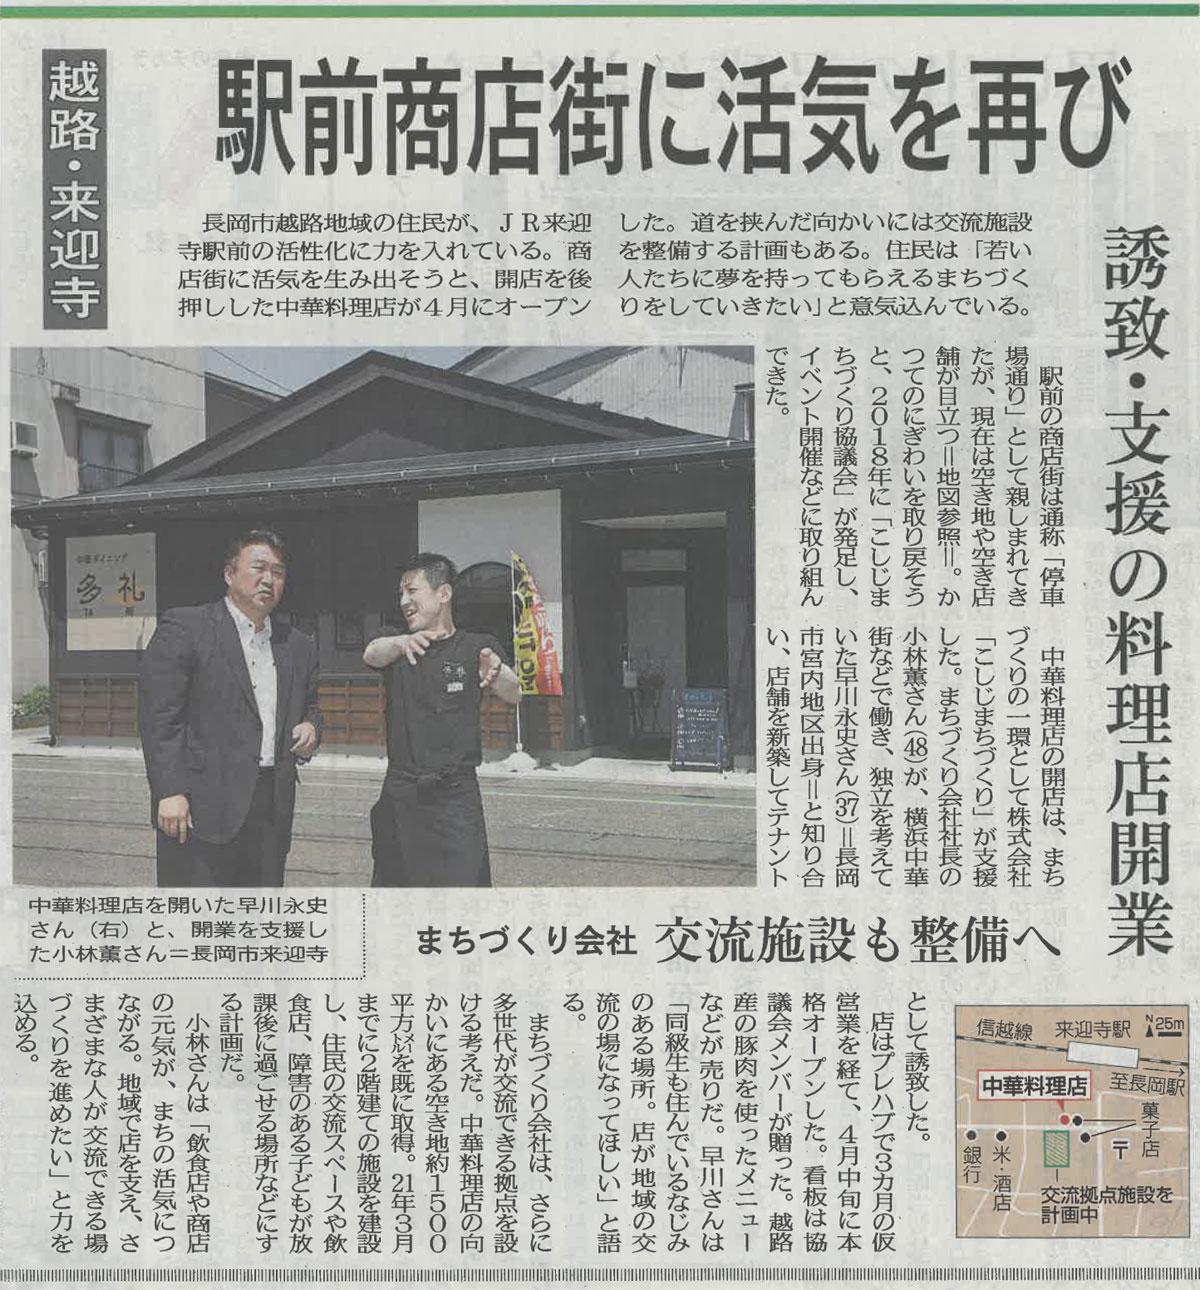 新潟日報にこしじまちづくりの記事が掲載されました